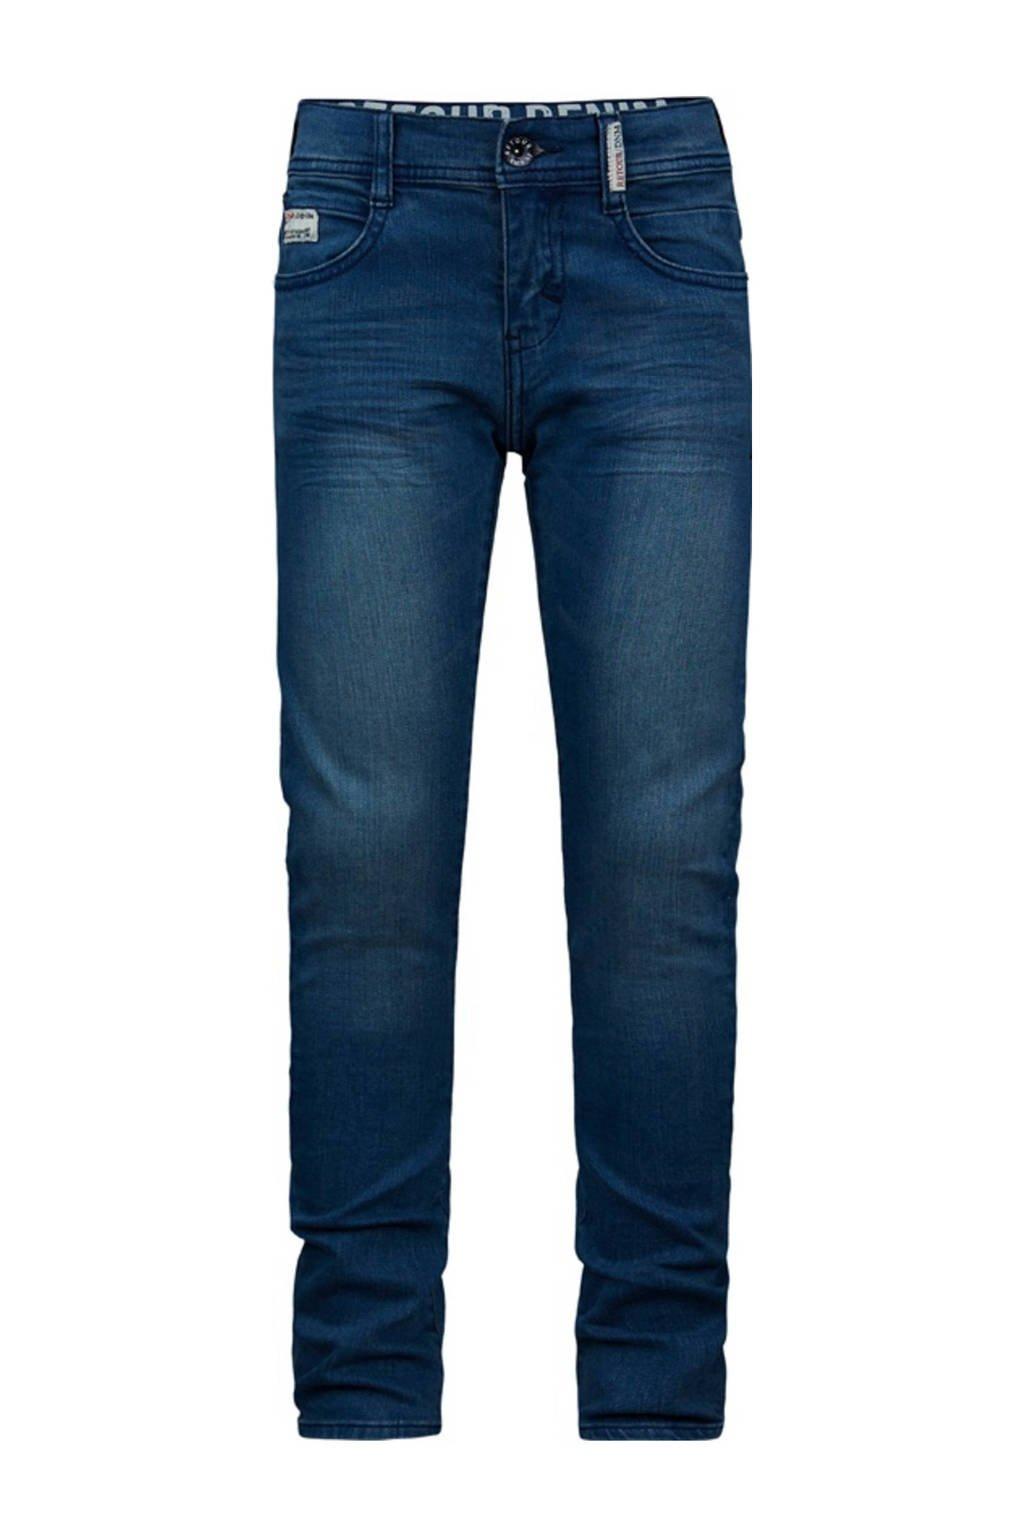 Retour Denim slim fit jeans Rover medium blue denim, Medium blue denim